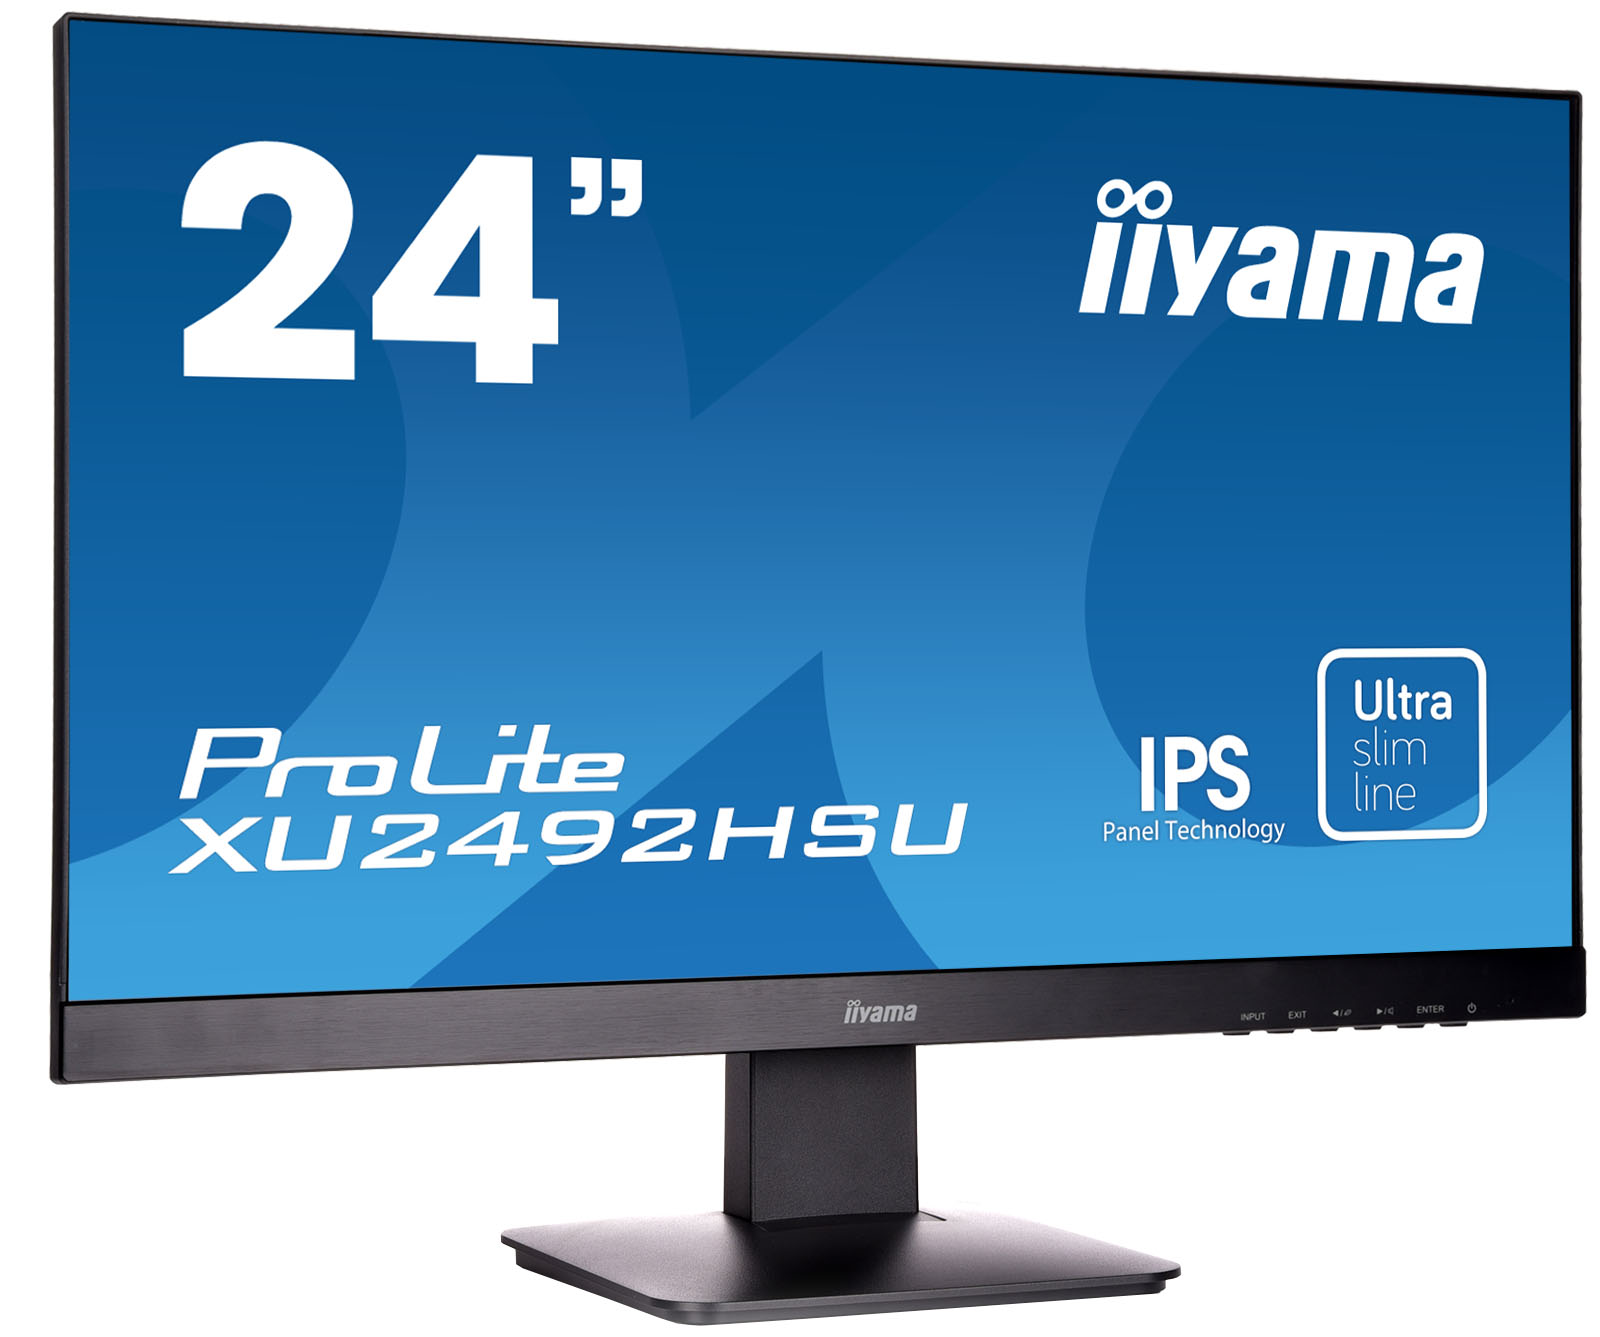 Монитор IIYAMA XU2492HSU-B1-2